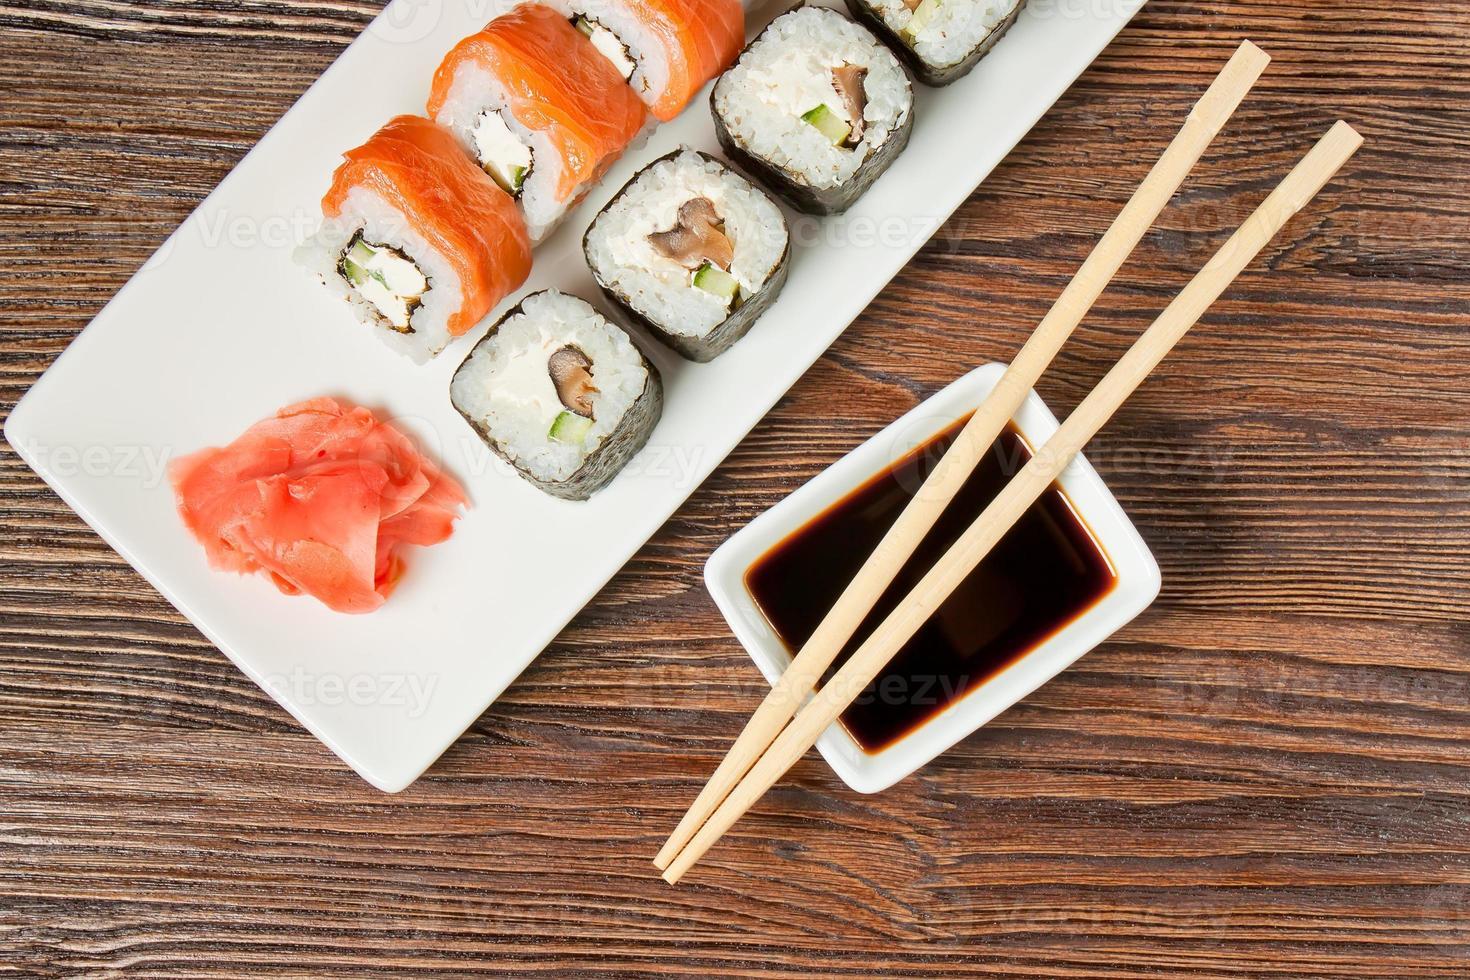 Sushi Assortment On White Dish photo